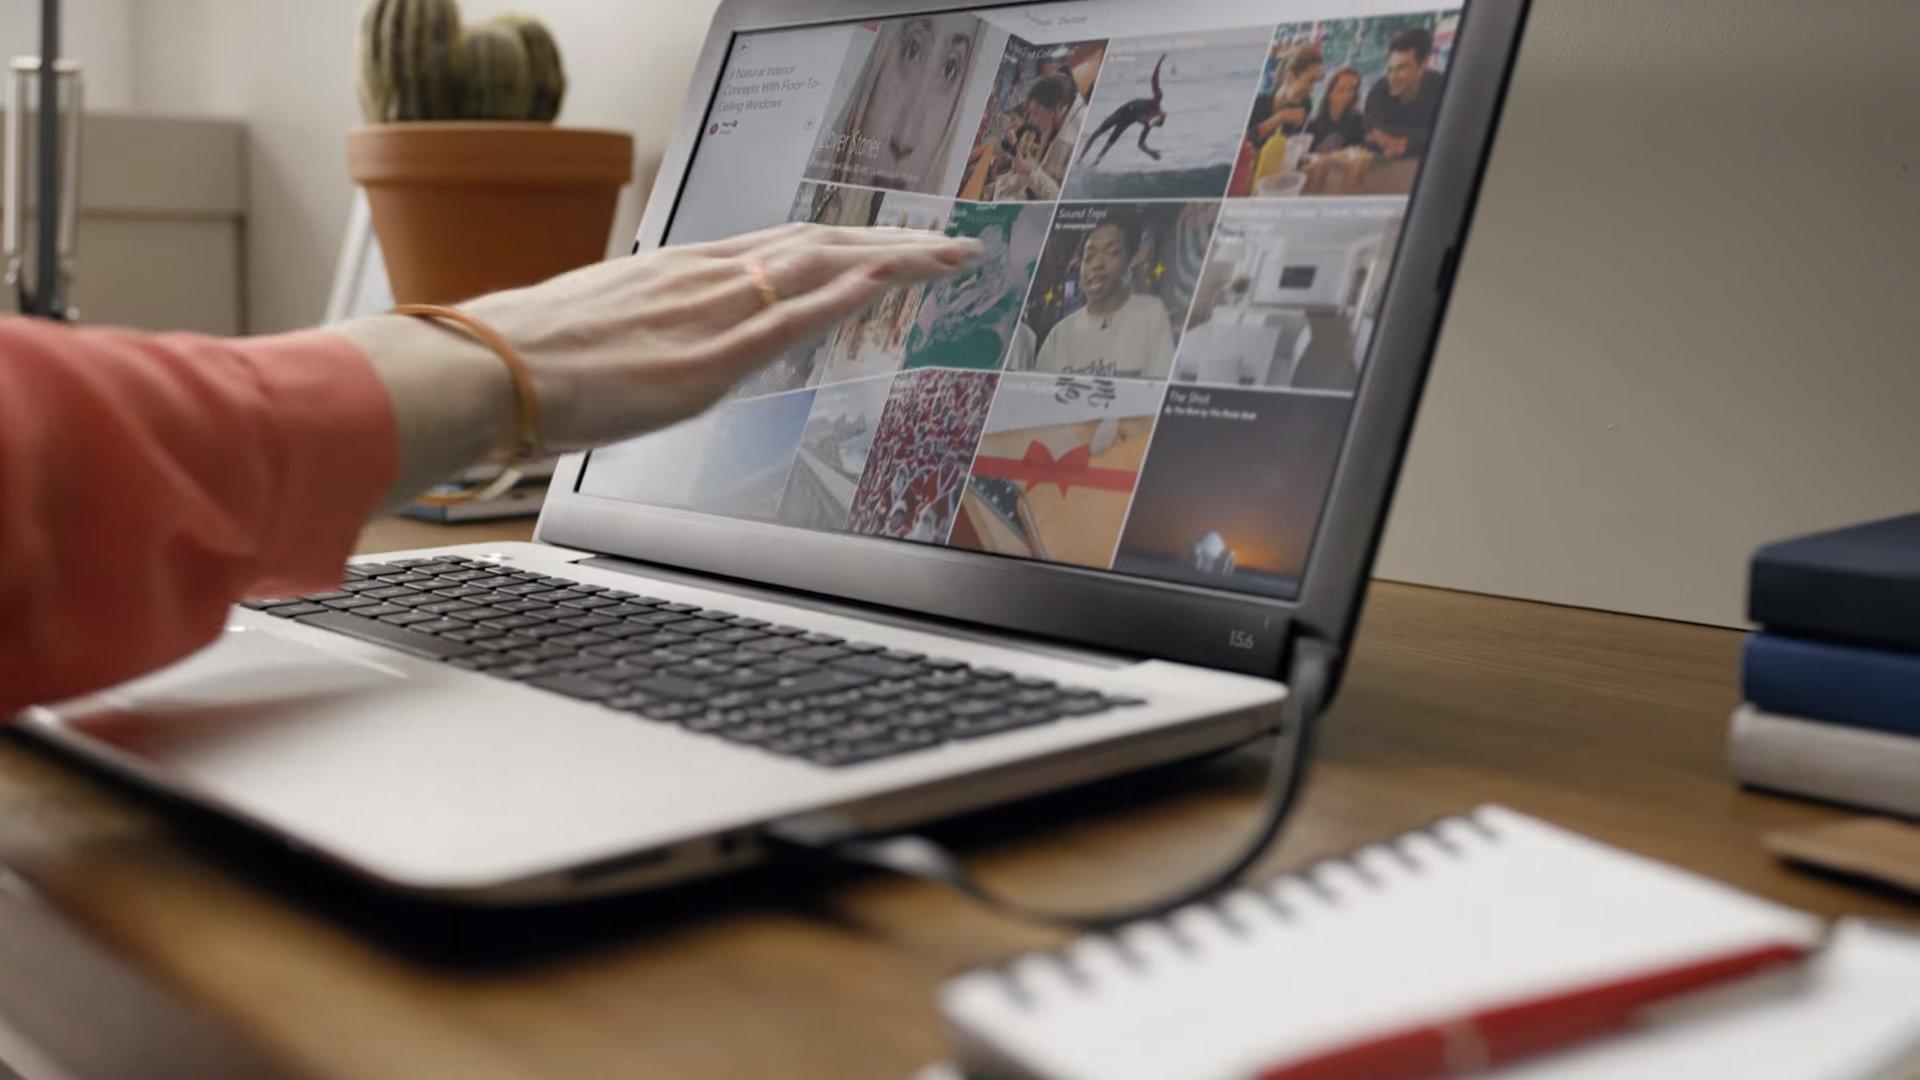 Come trasformare lo schermo di un notebook in un touch screen di altissima precisione con Airbar!